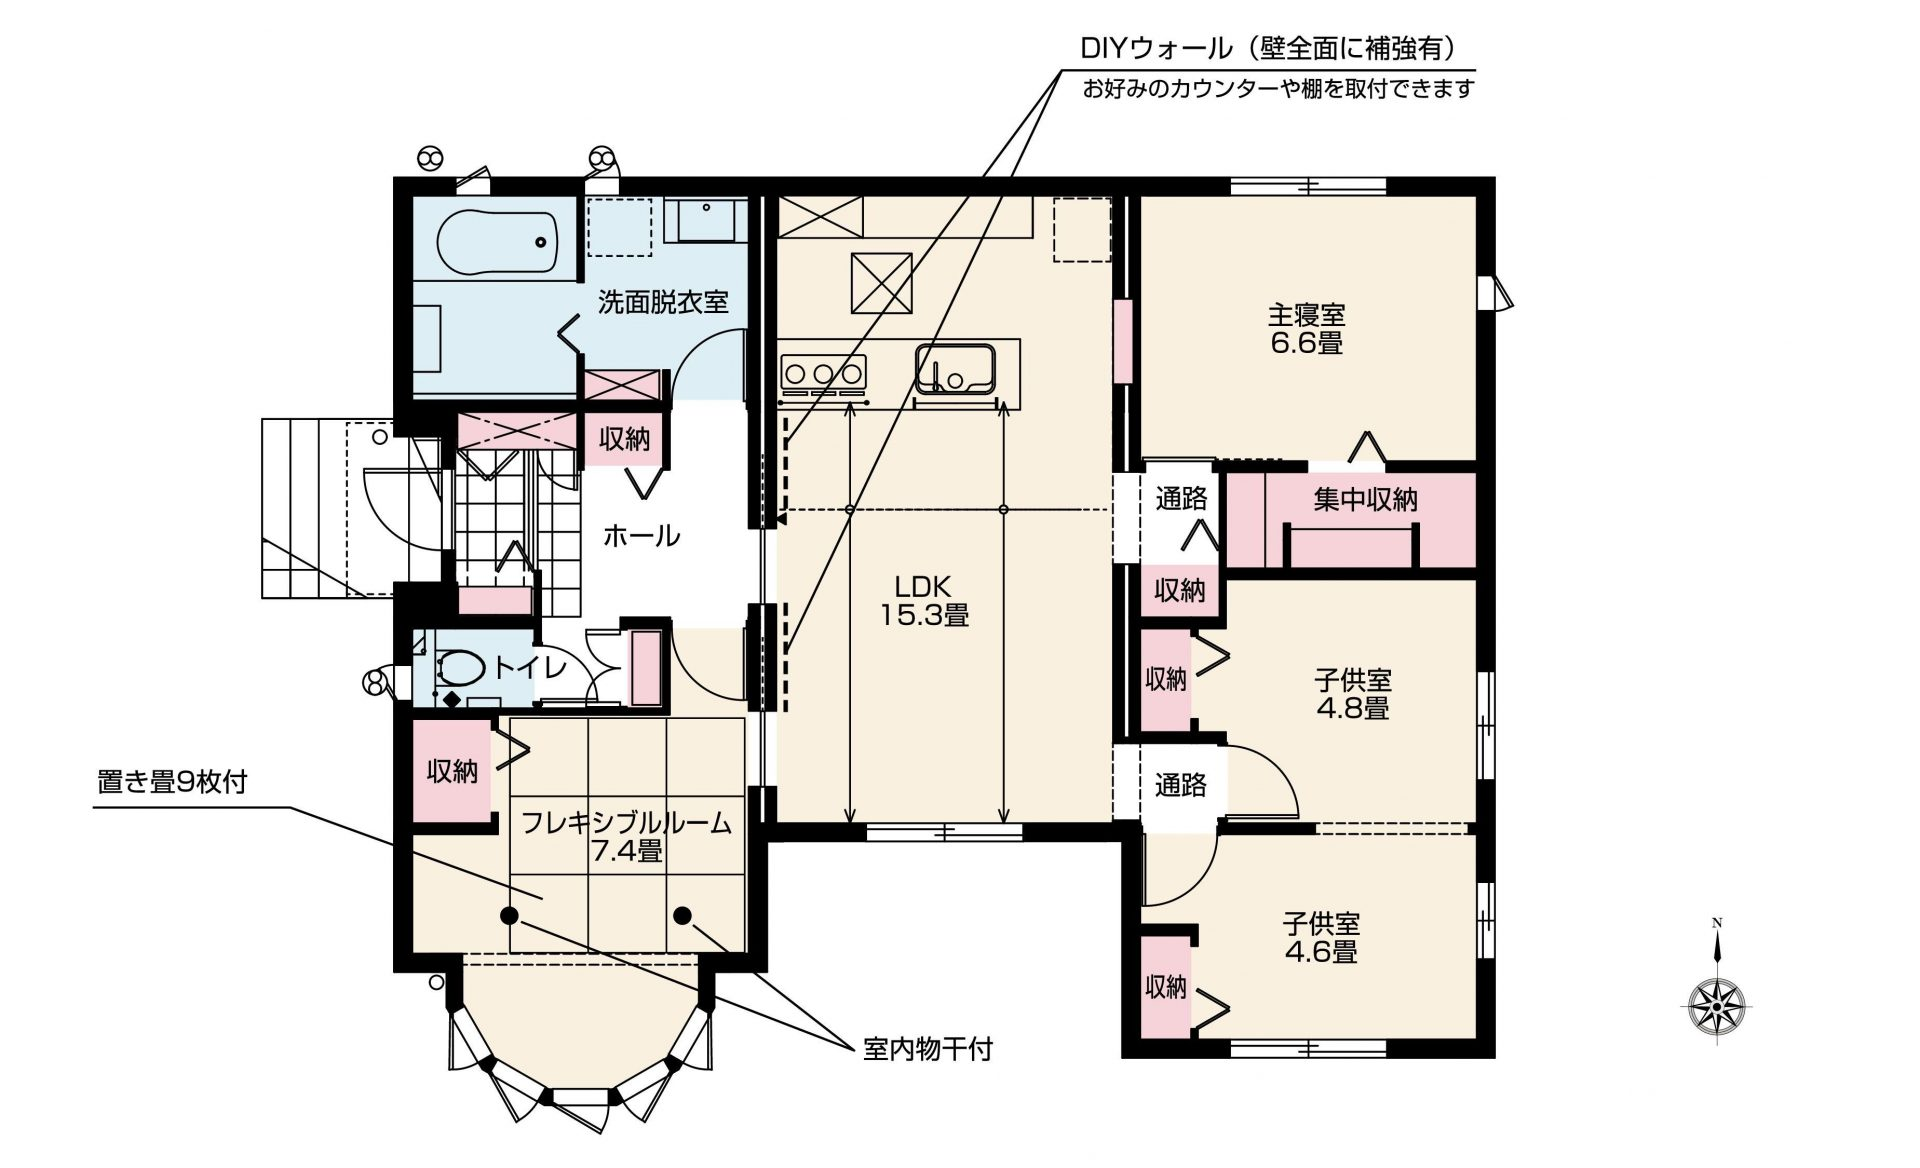 【分譲住宅・建売】スマートハイムシティ住吉ガーデン北 No.19(間取図)